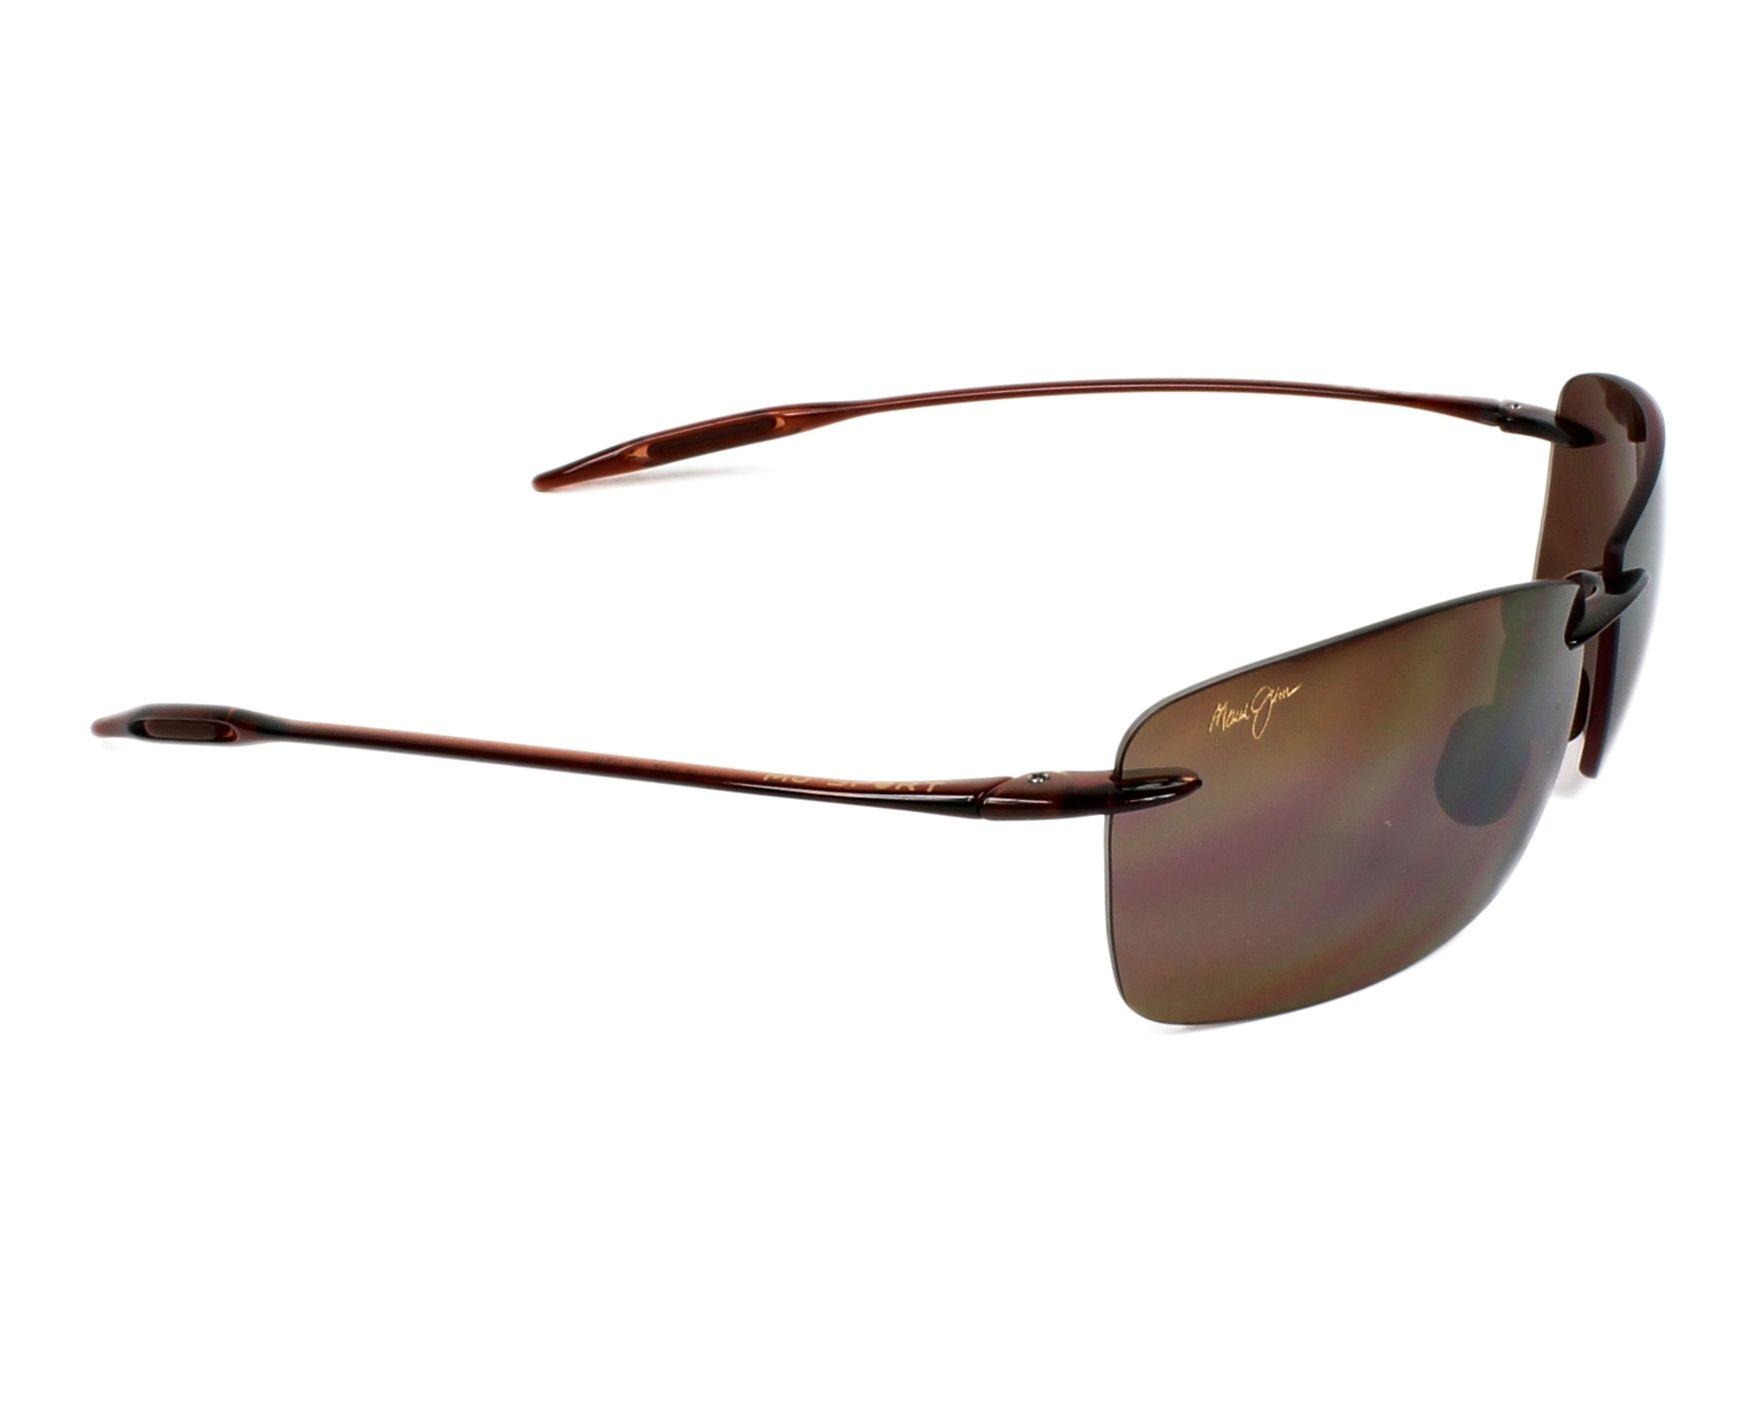 93048ae7382 Sunglasses Maui Jim H-423 26 67-13 Brown side view